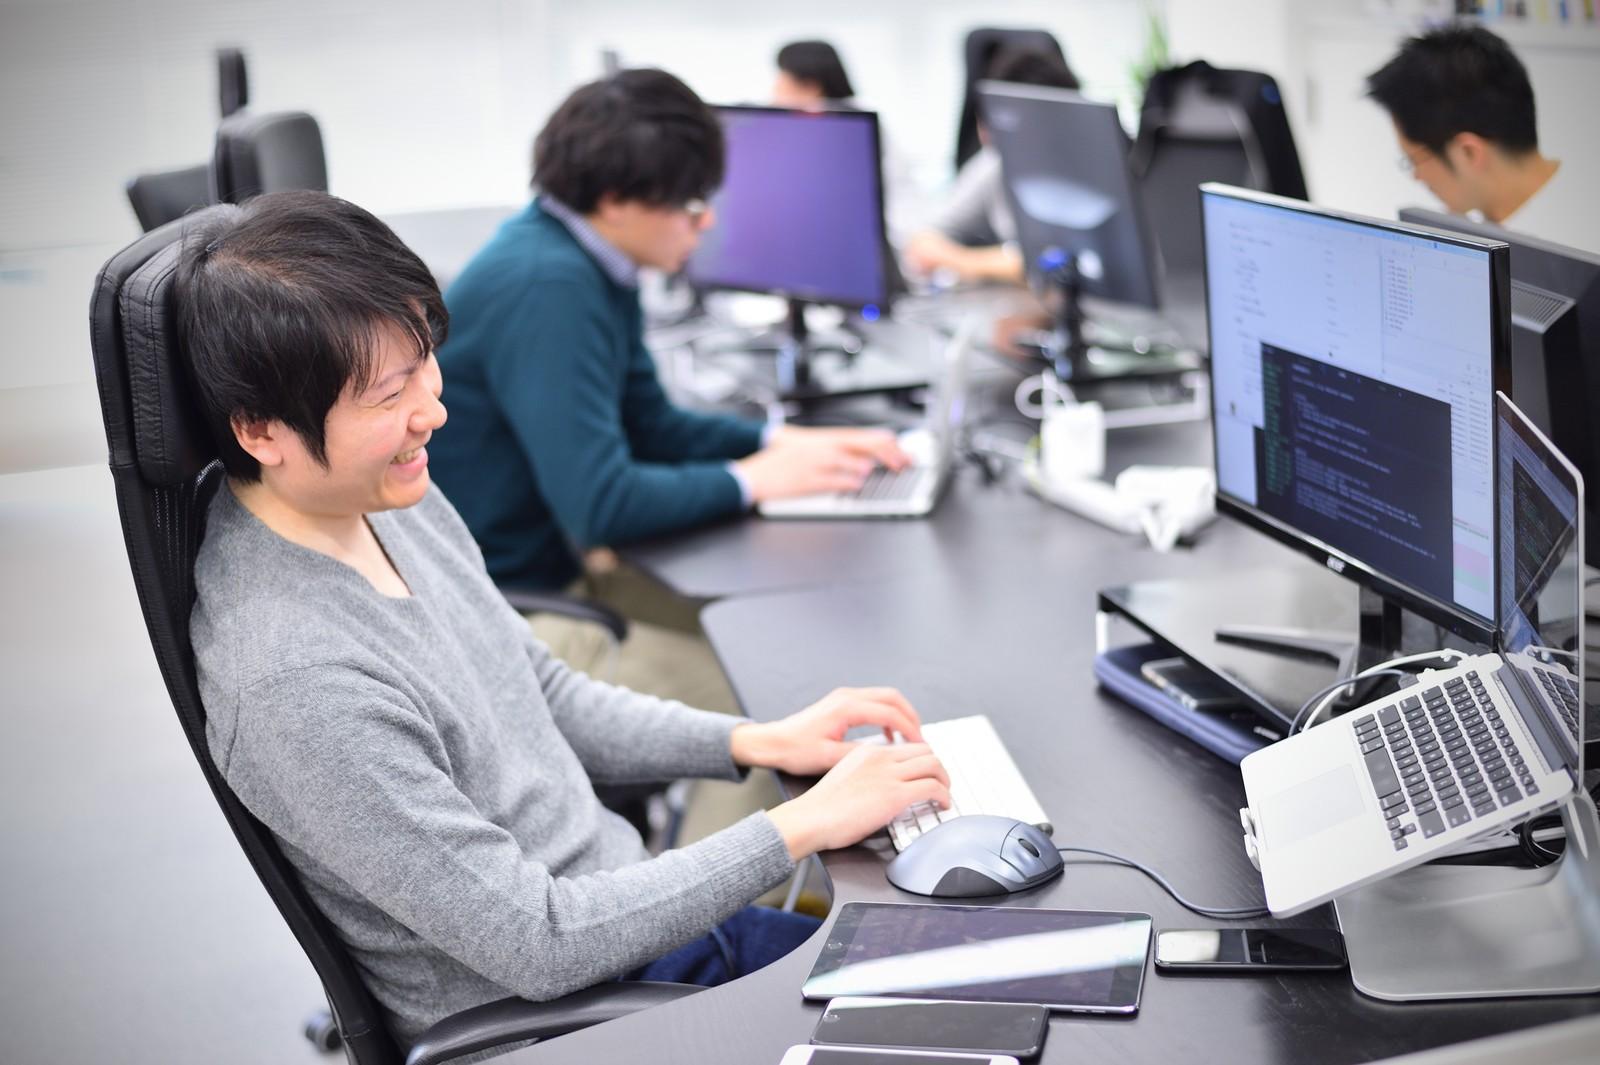 【Android】画像・動画ベースのマニュアル作成サービス「Teachme Biz」の開発メンバー募集!